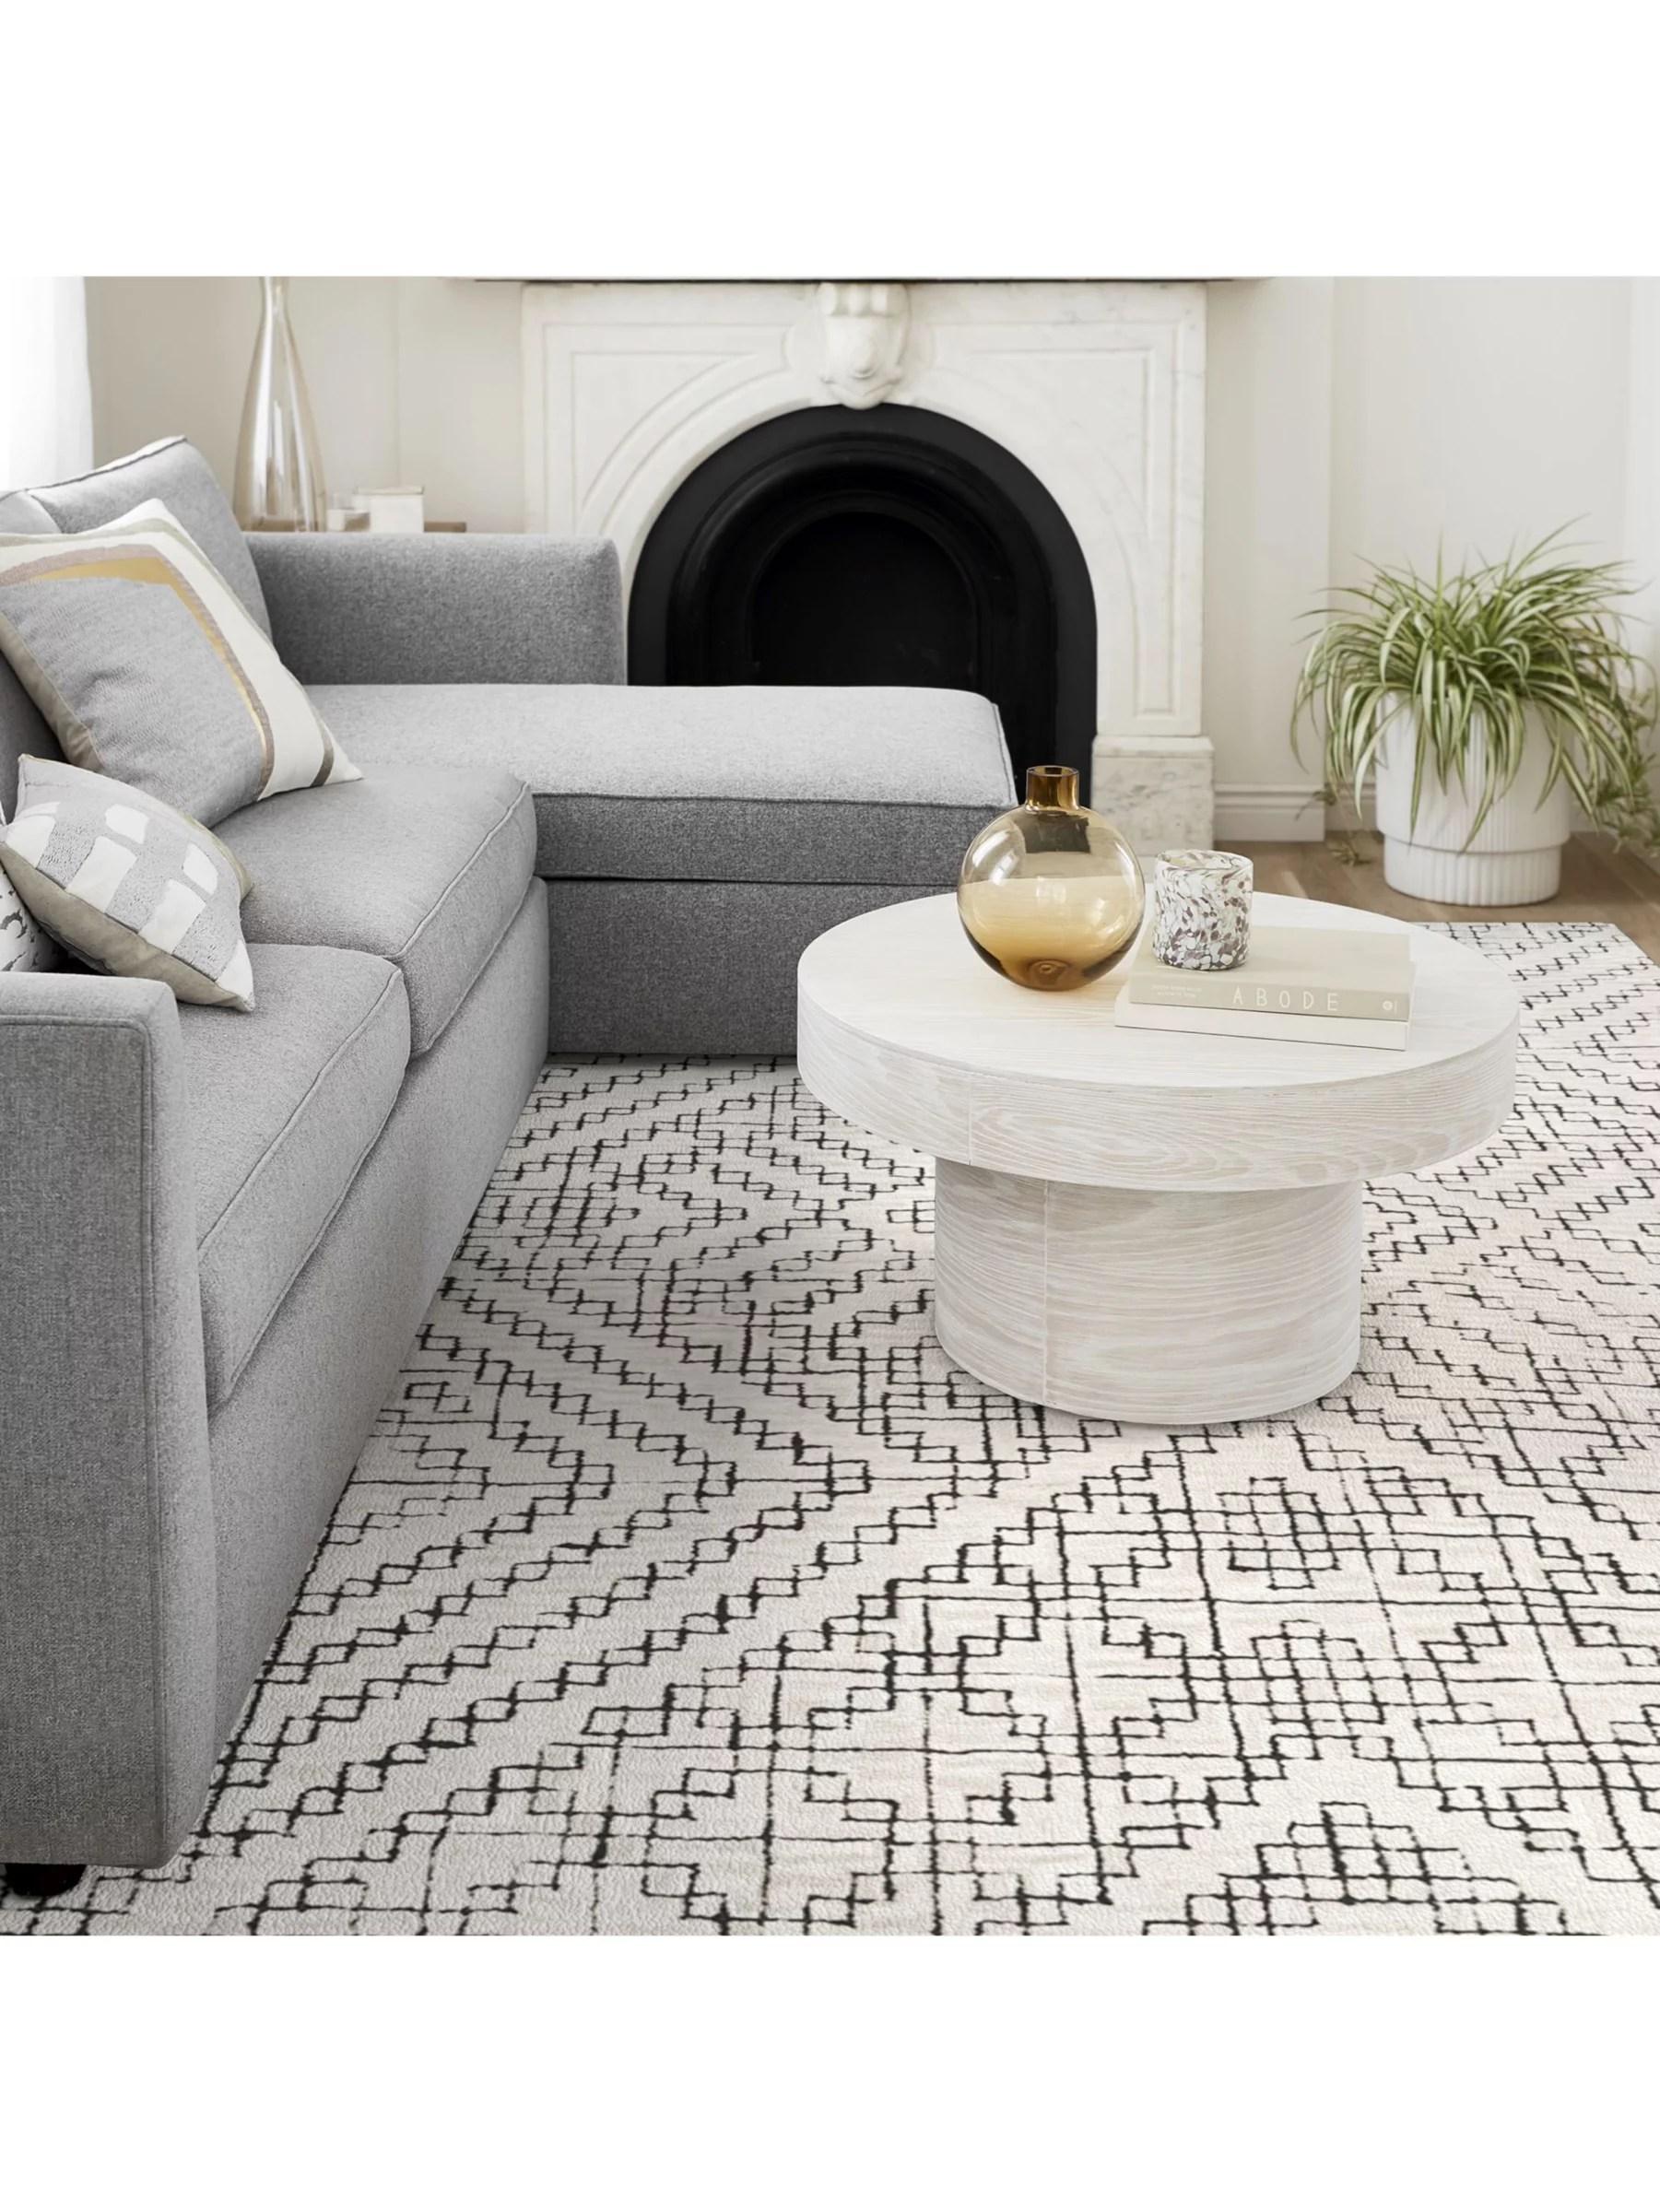 west elm stone tile rug l244 x w152 cm